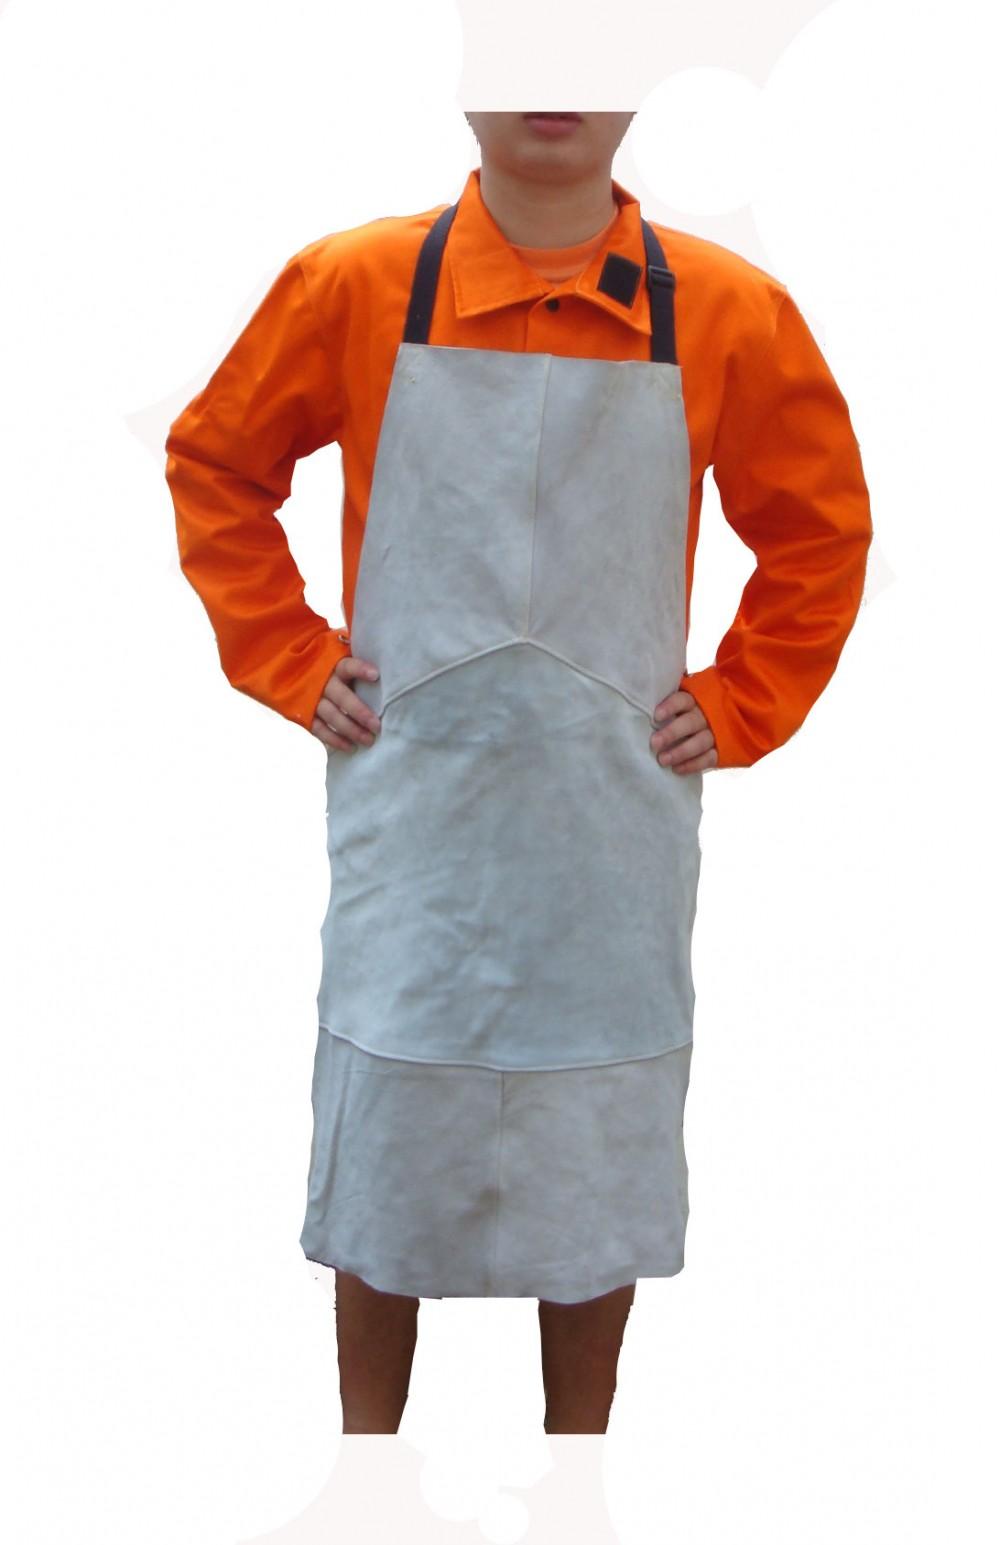 AP-6103友盟原色全皮护胸围裙